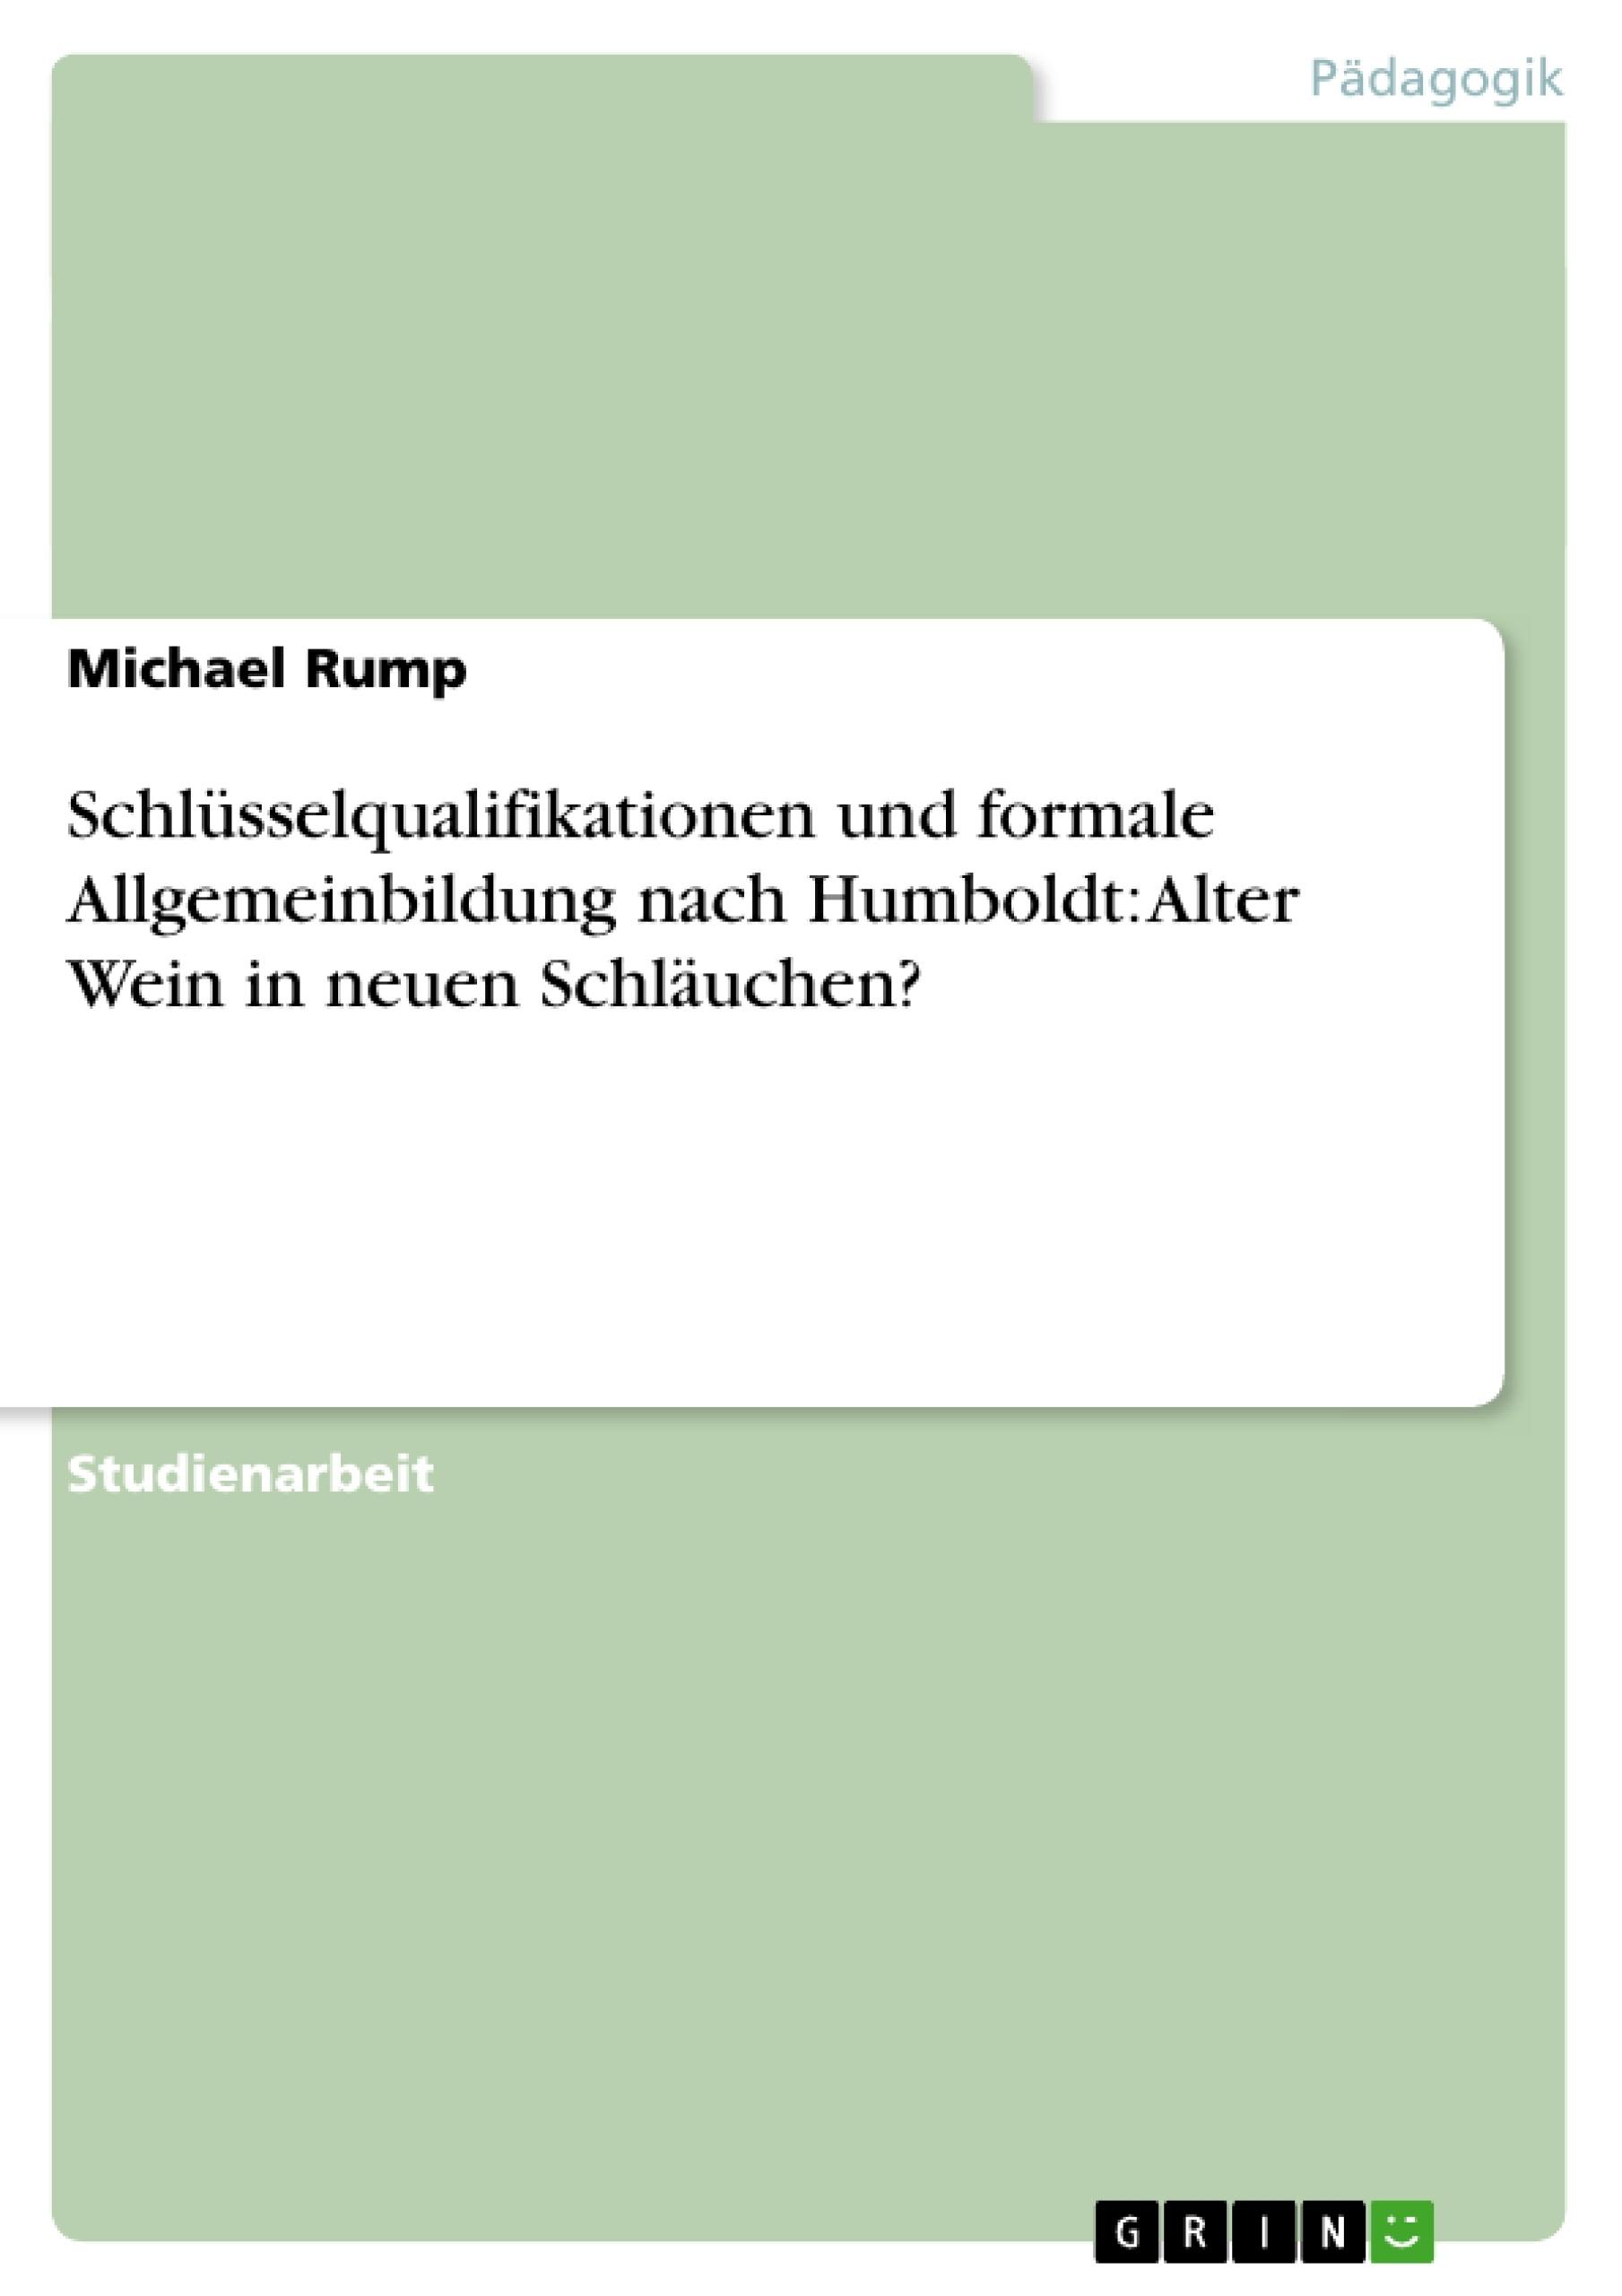 Titel: Schlüsselqualifikationen und formale Allgemeinbildung nach Humboldt: Alter Wein in neuen Schläuchen?